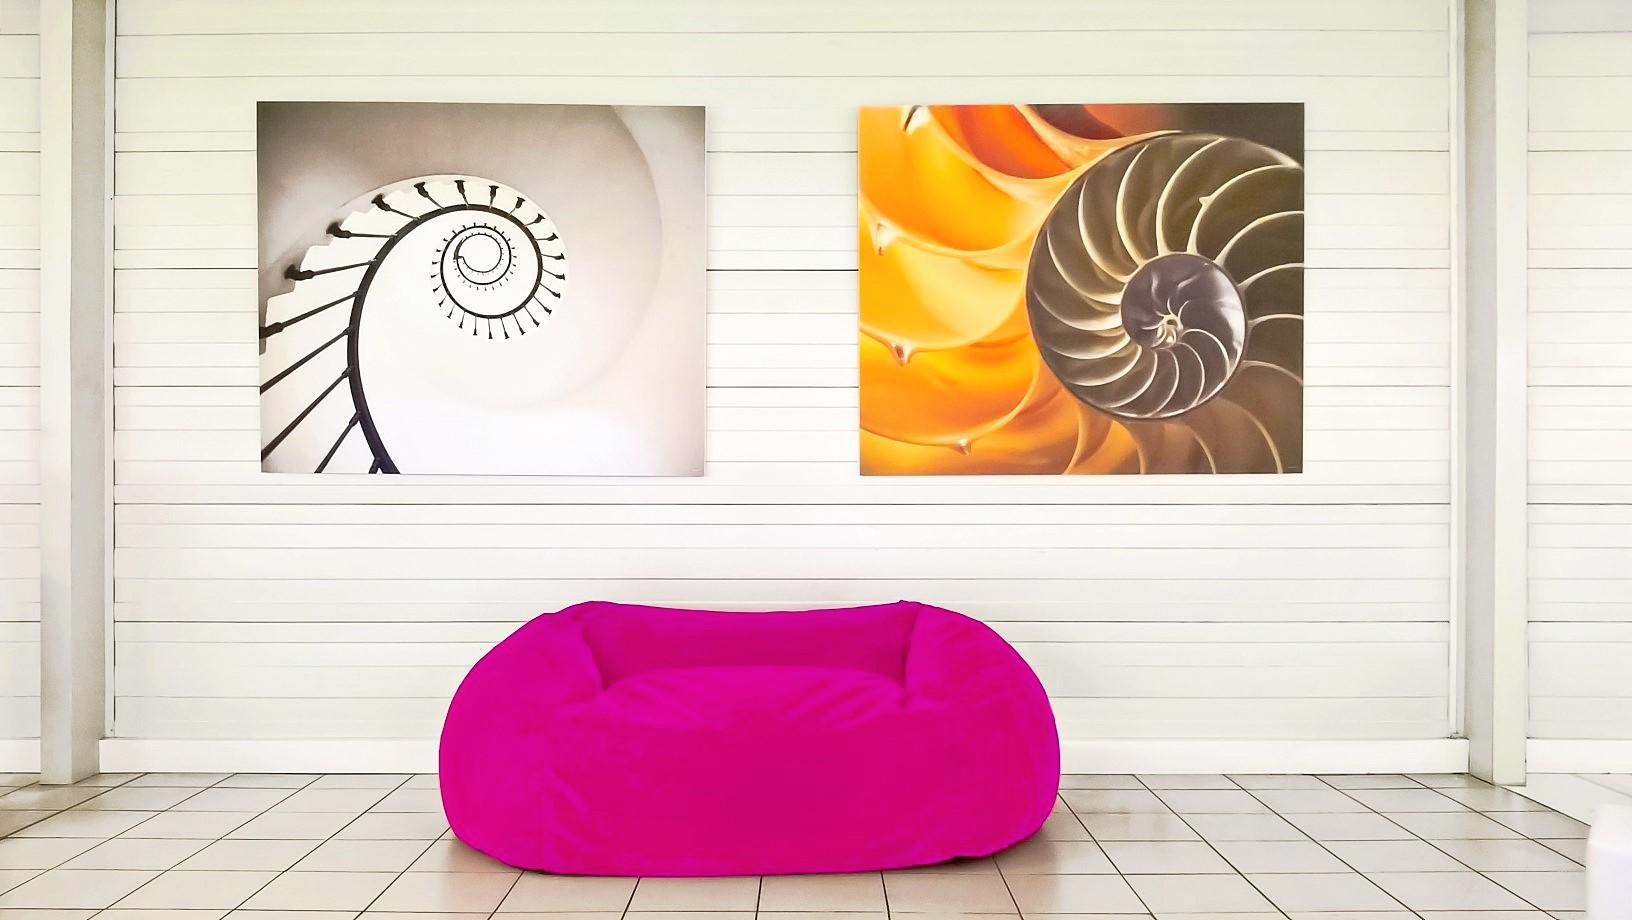 Design acoustique - Design Tableau acoustique picture posé au mur par aimantation